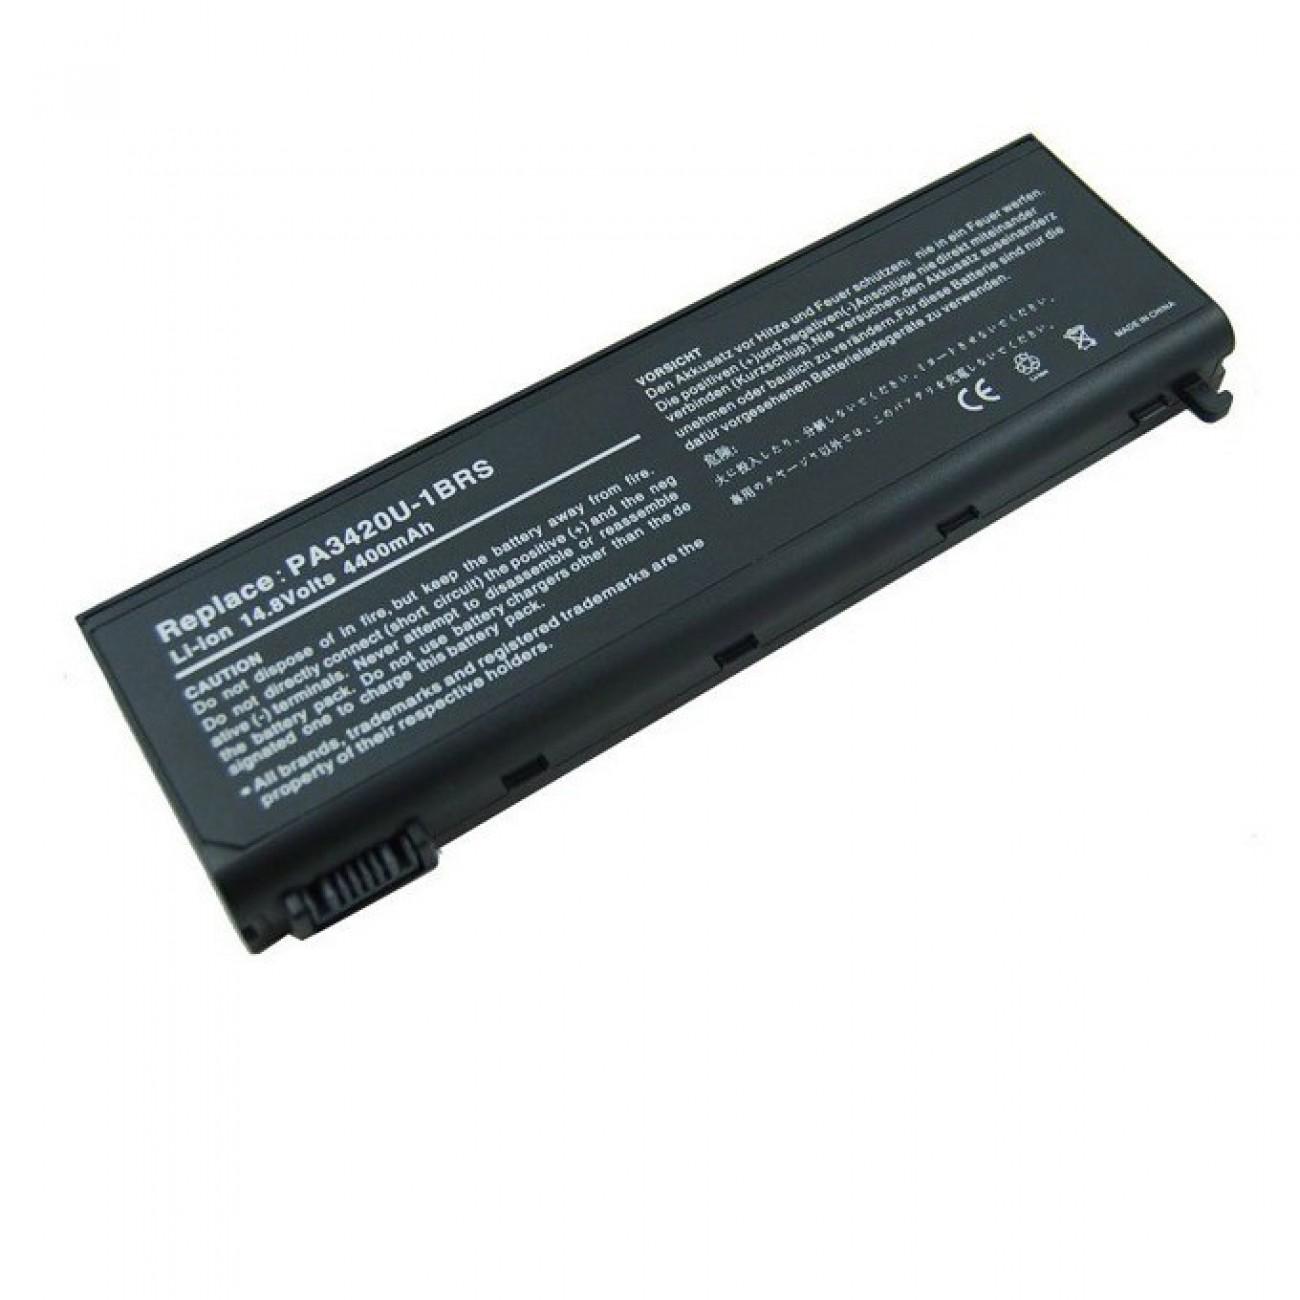 Батерия (заместител) за Toshiba Equium/Satellite/Satellite pro series, 14.4V, 2200 mAh в Батерии за Лаптоп -  | Alleop